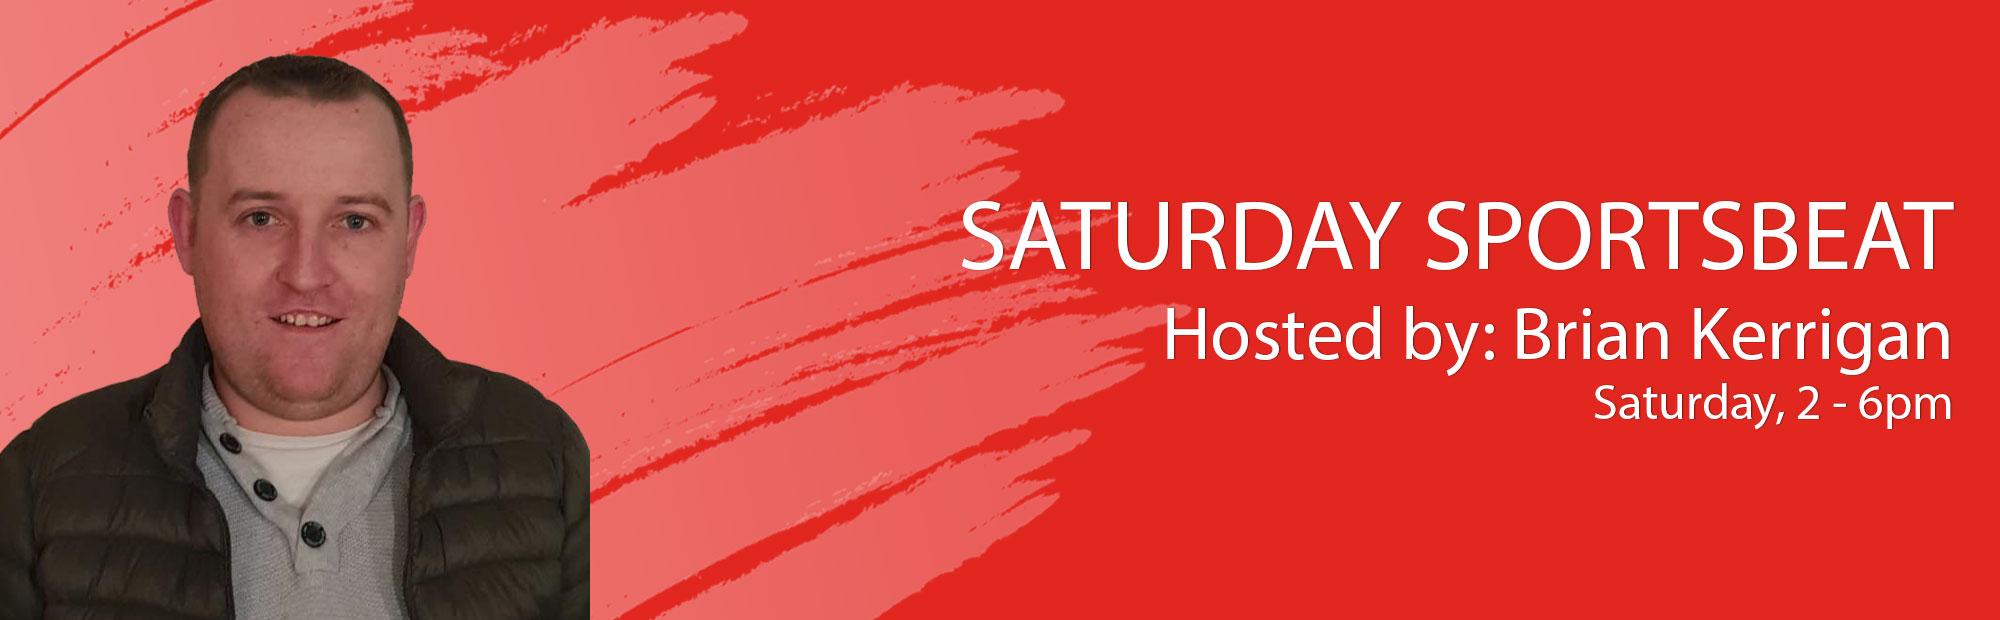 Saturday Sportsbeat